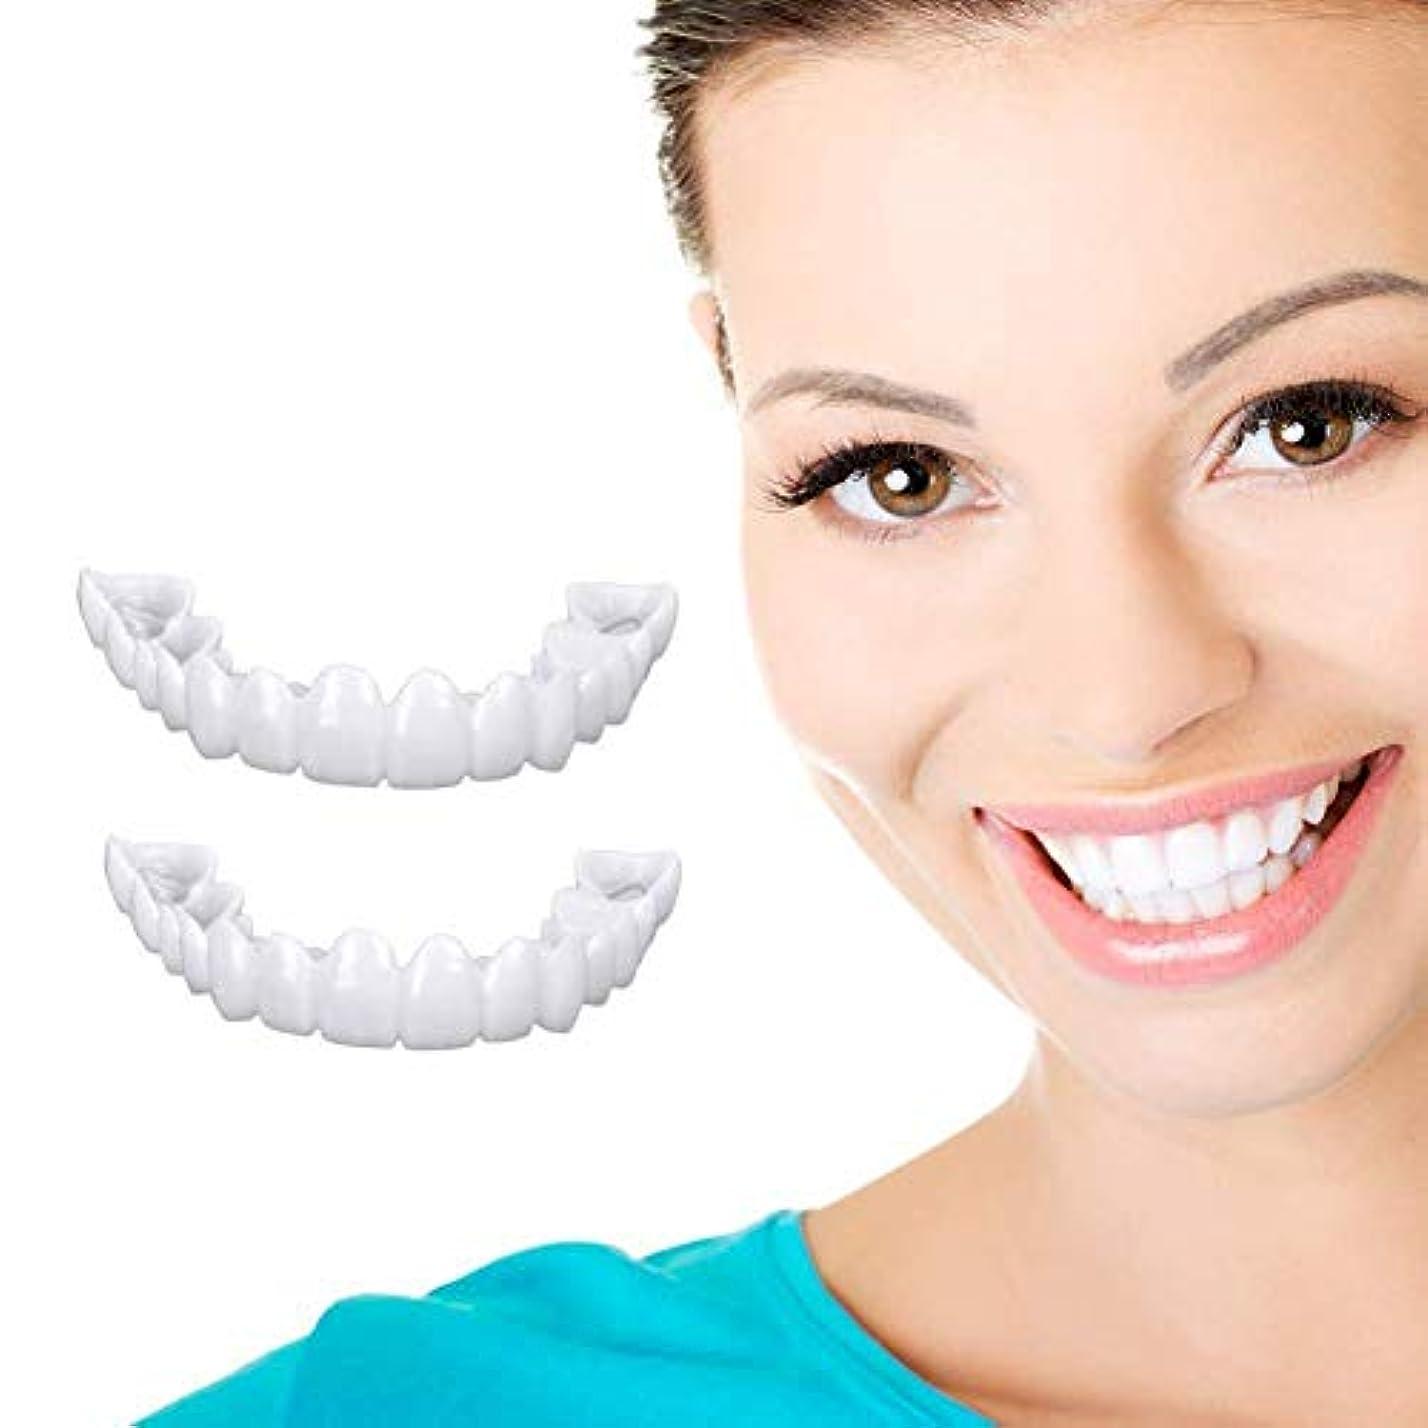 集める聞く今後インスタントブレースの歯のスナップキャップを白くする快適フィット義歯の上のベニヤの笑顔ワンサイズ最もフィットする(上と下用),15Pairs